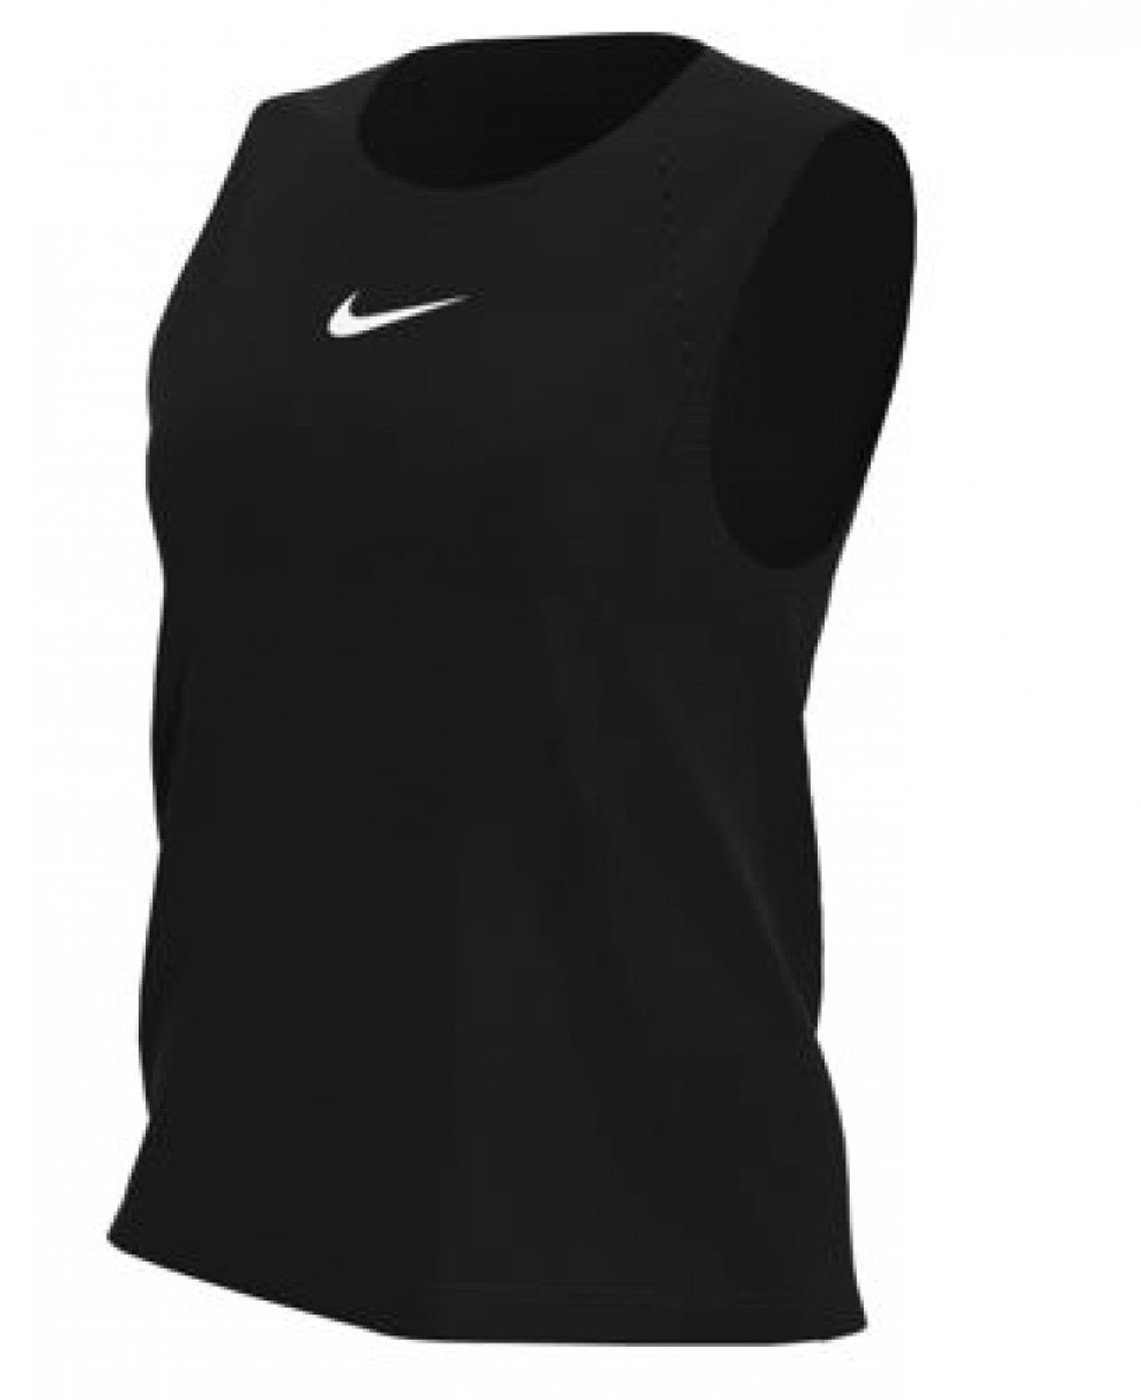 NikeCourt Advantage Te - Damen